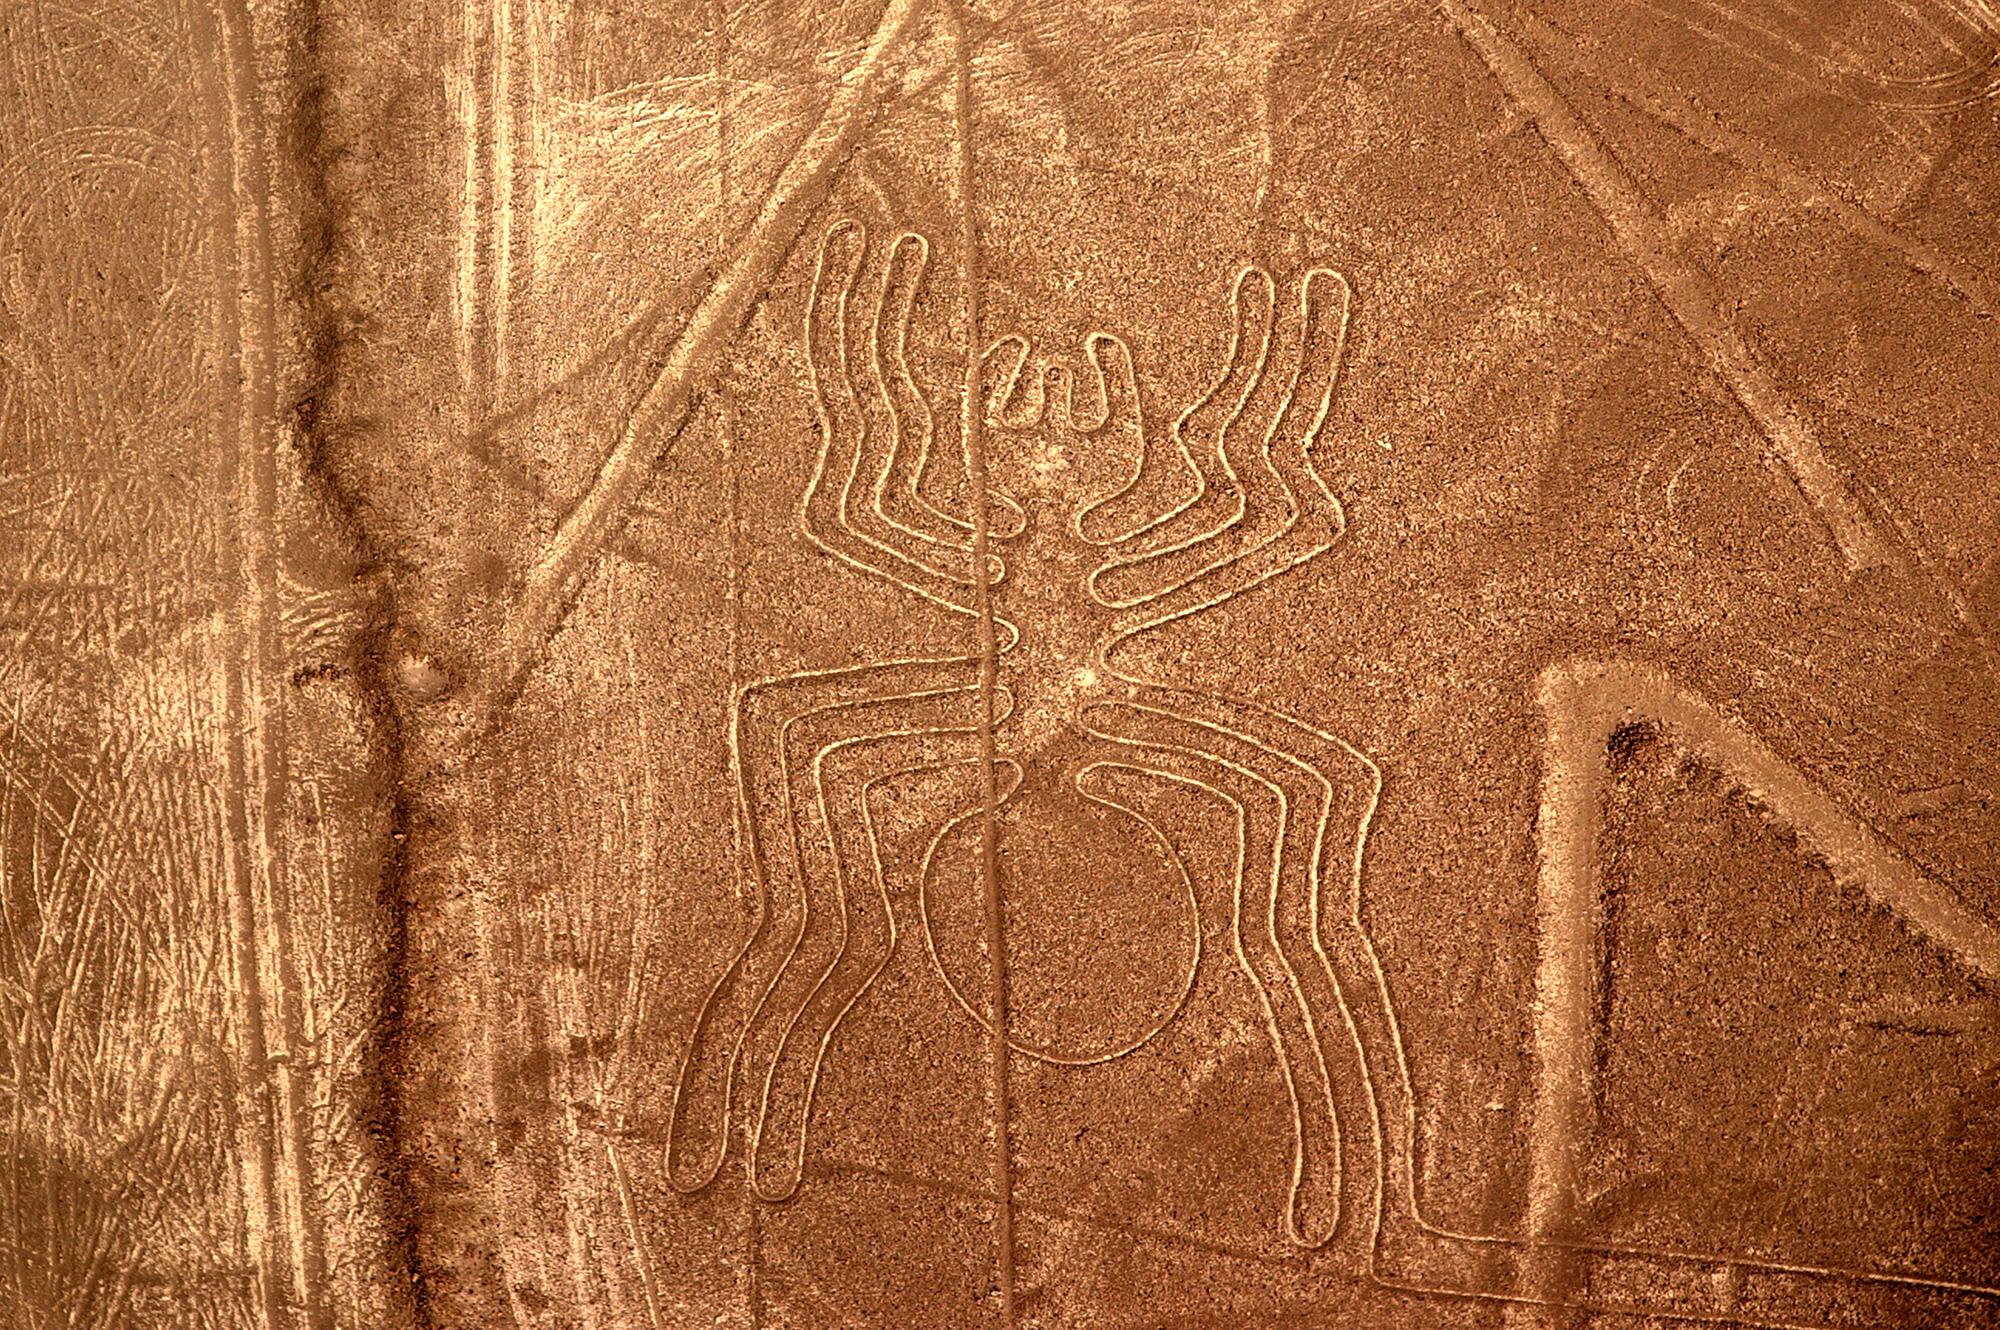 De Nazca a Machu Picchu - Perú- imagen #3